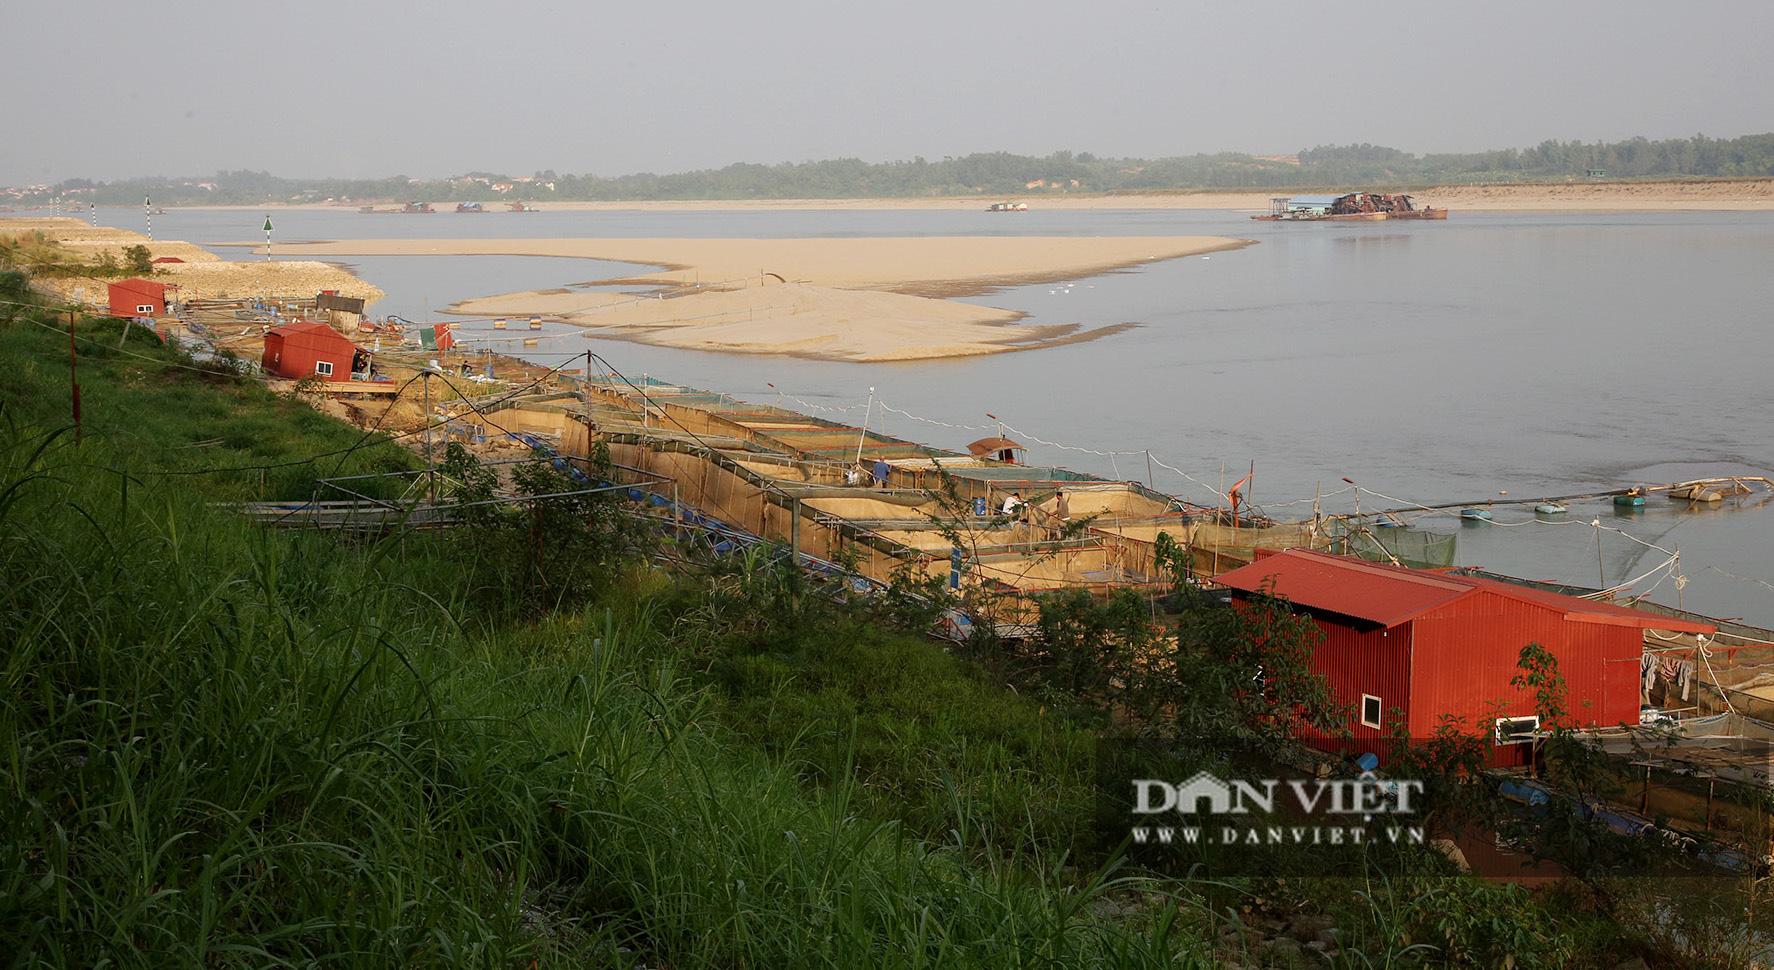 Dân nuôi cá trên sông Đà hút cát để cứu cá do nước sông cạn - Ảnh 1.